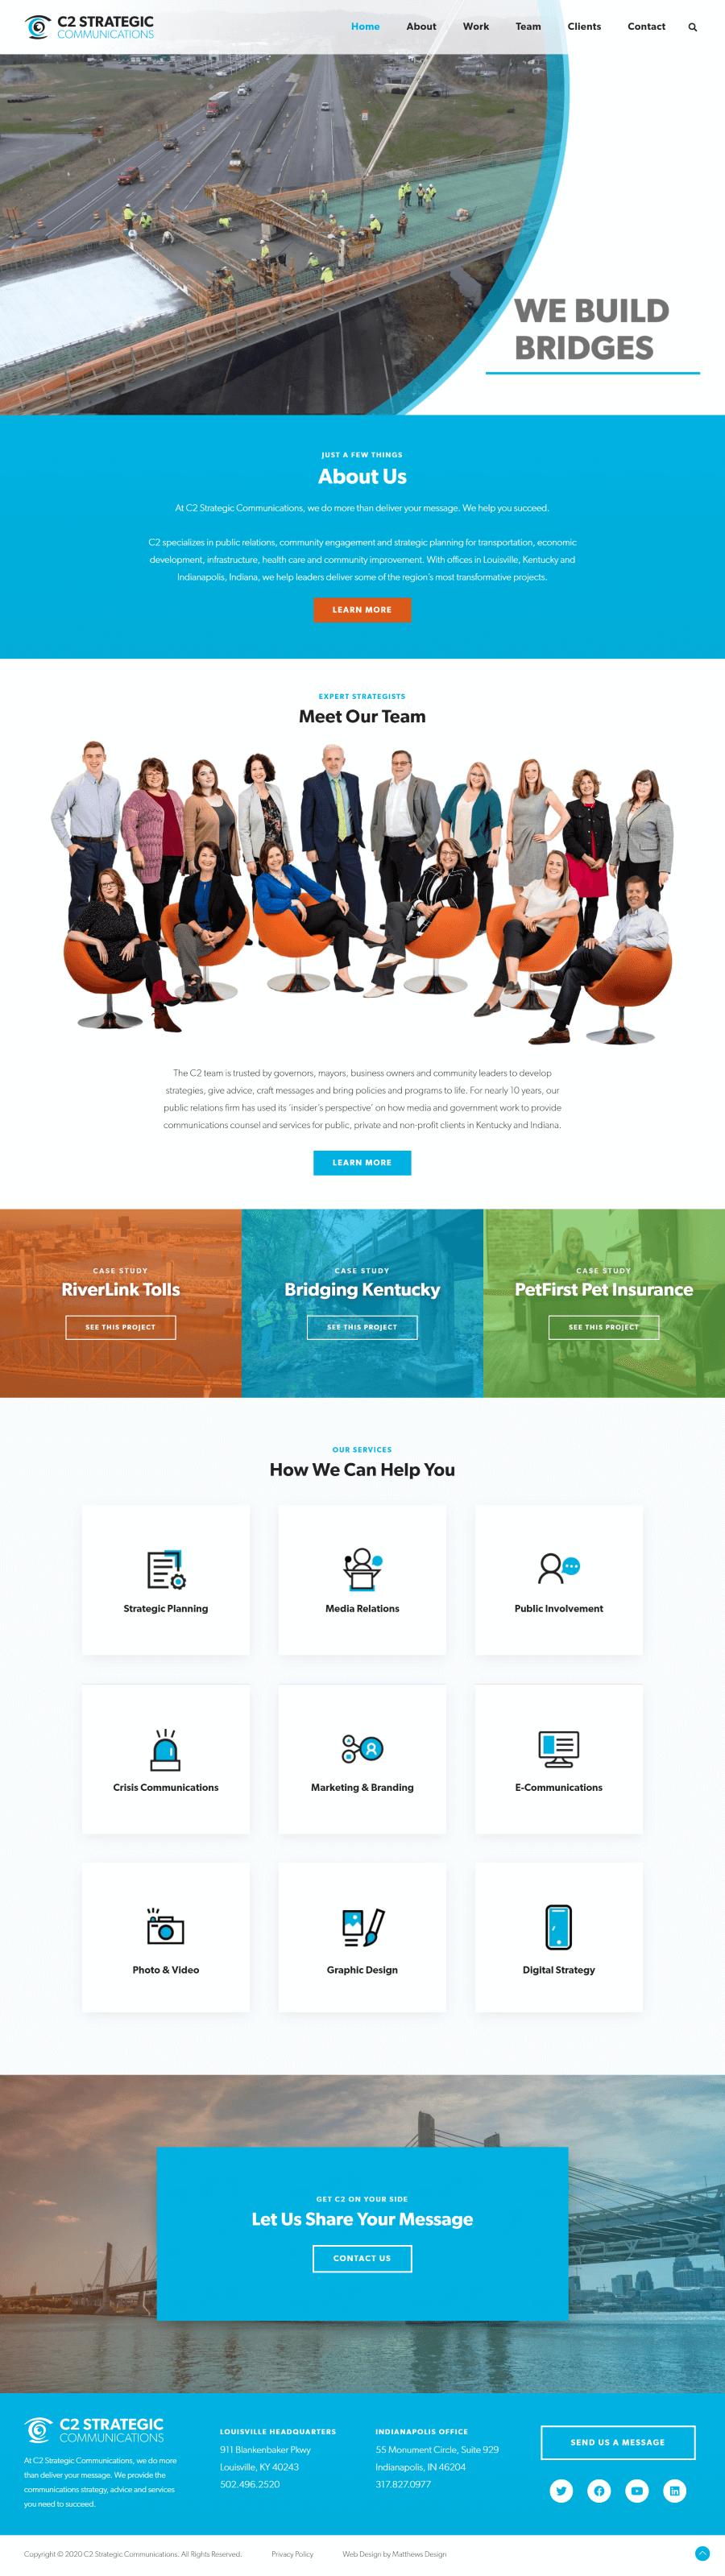 C2 Strategic Website Design by Matthews Design